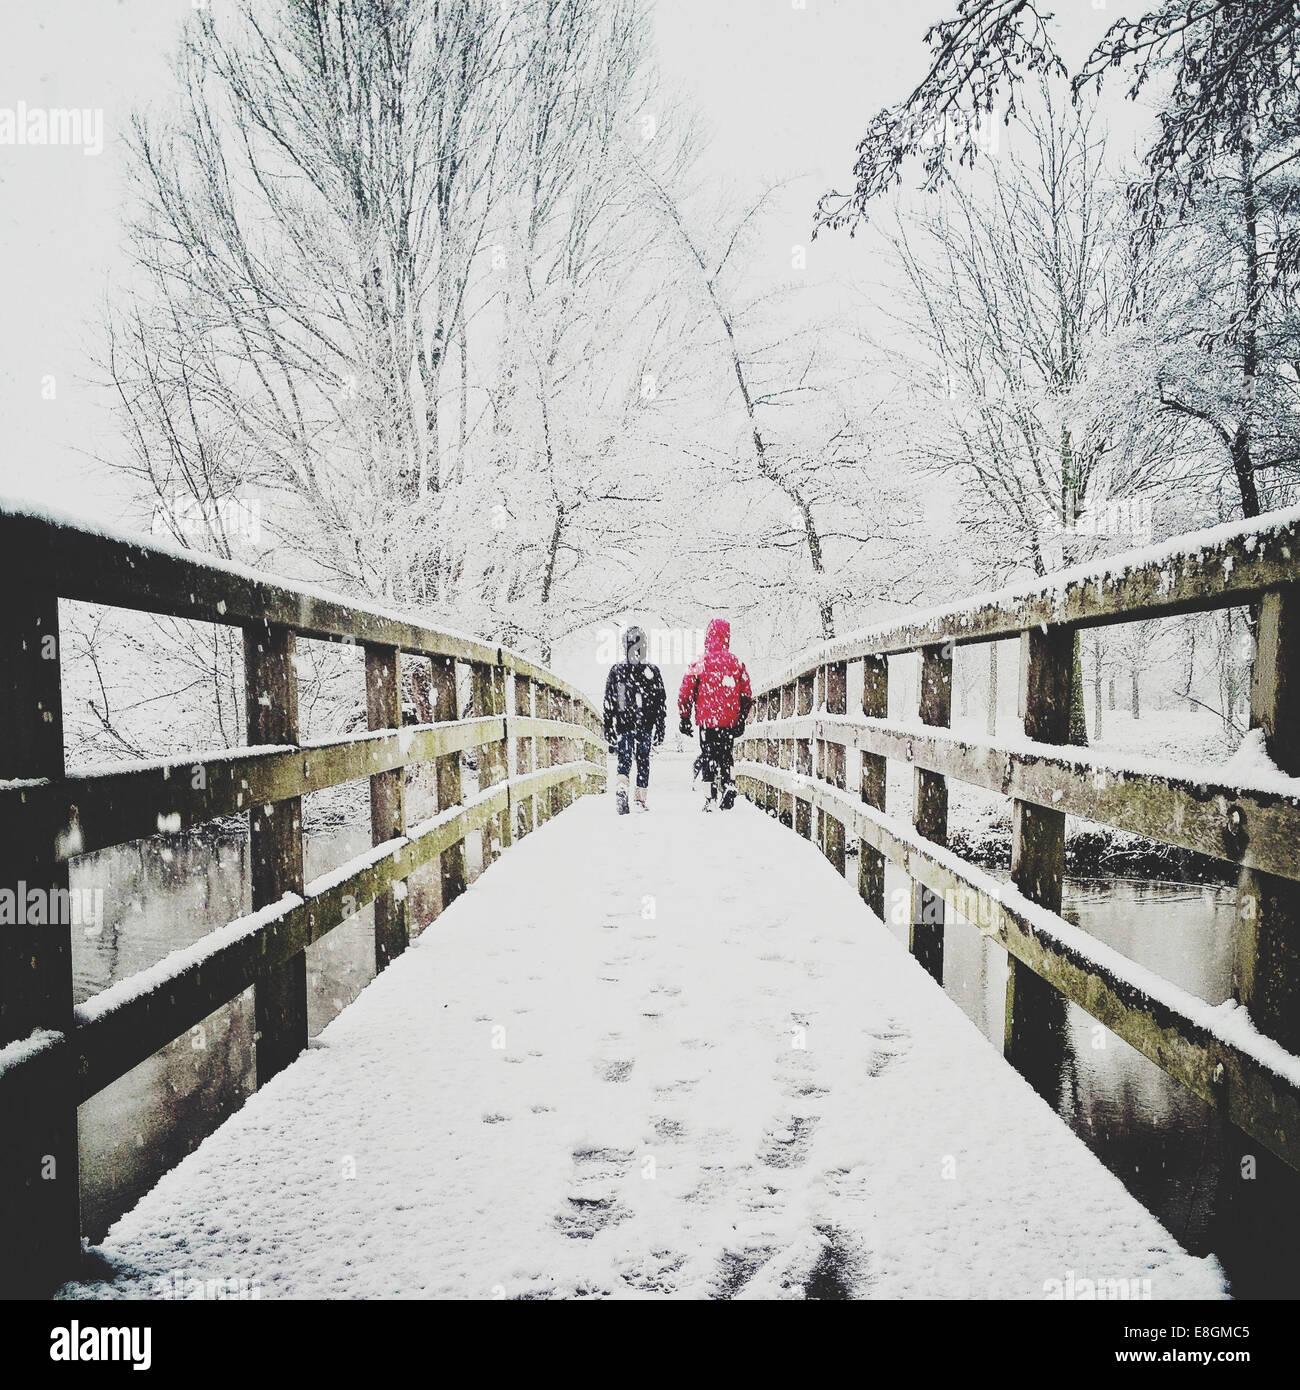 Vue arrière de deux enfants qui traversent la passerelle dans la neige Banque D'Images